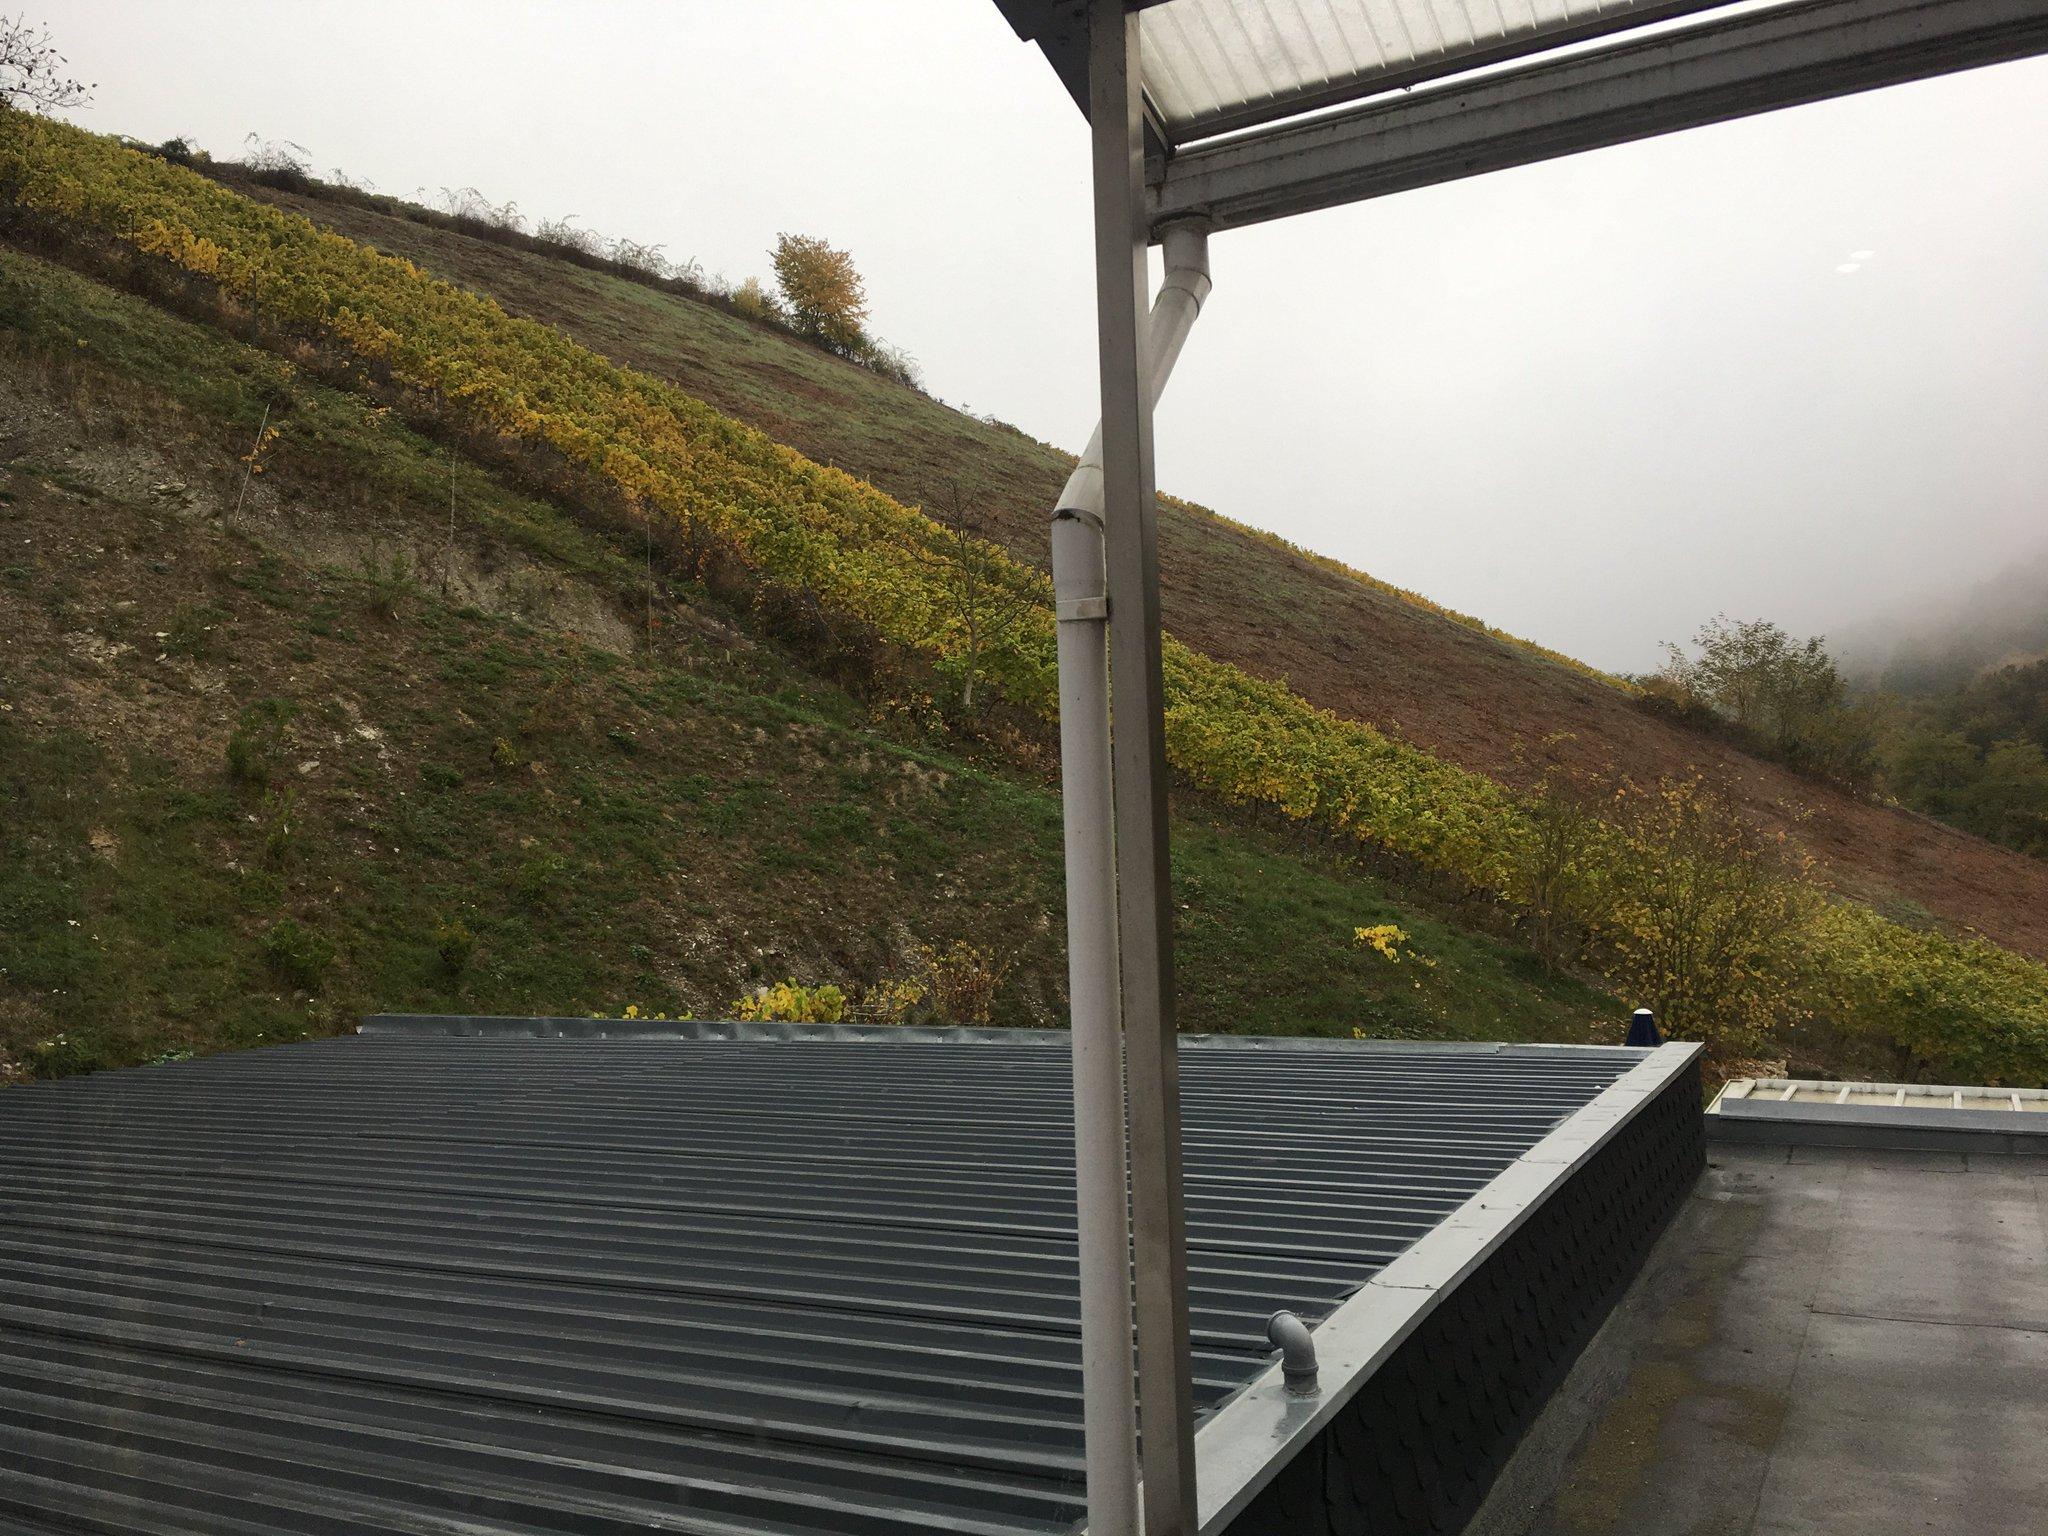 Guten Morgen. Auch heute wieder Frühnebel in Oberheimbach #meurers #weinbs https://t.co/2vmPbqcFGM